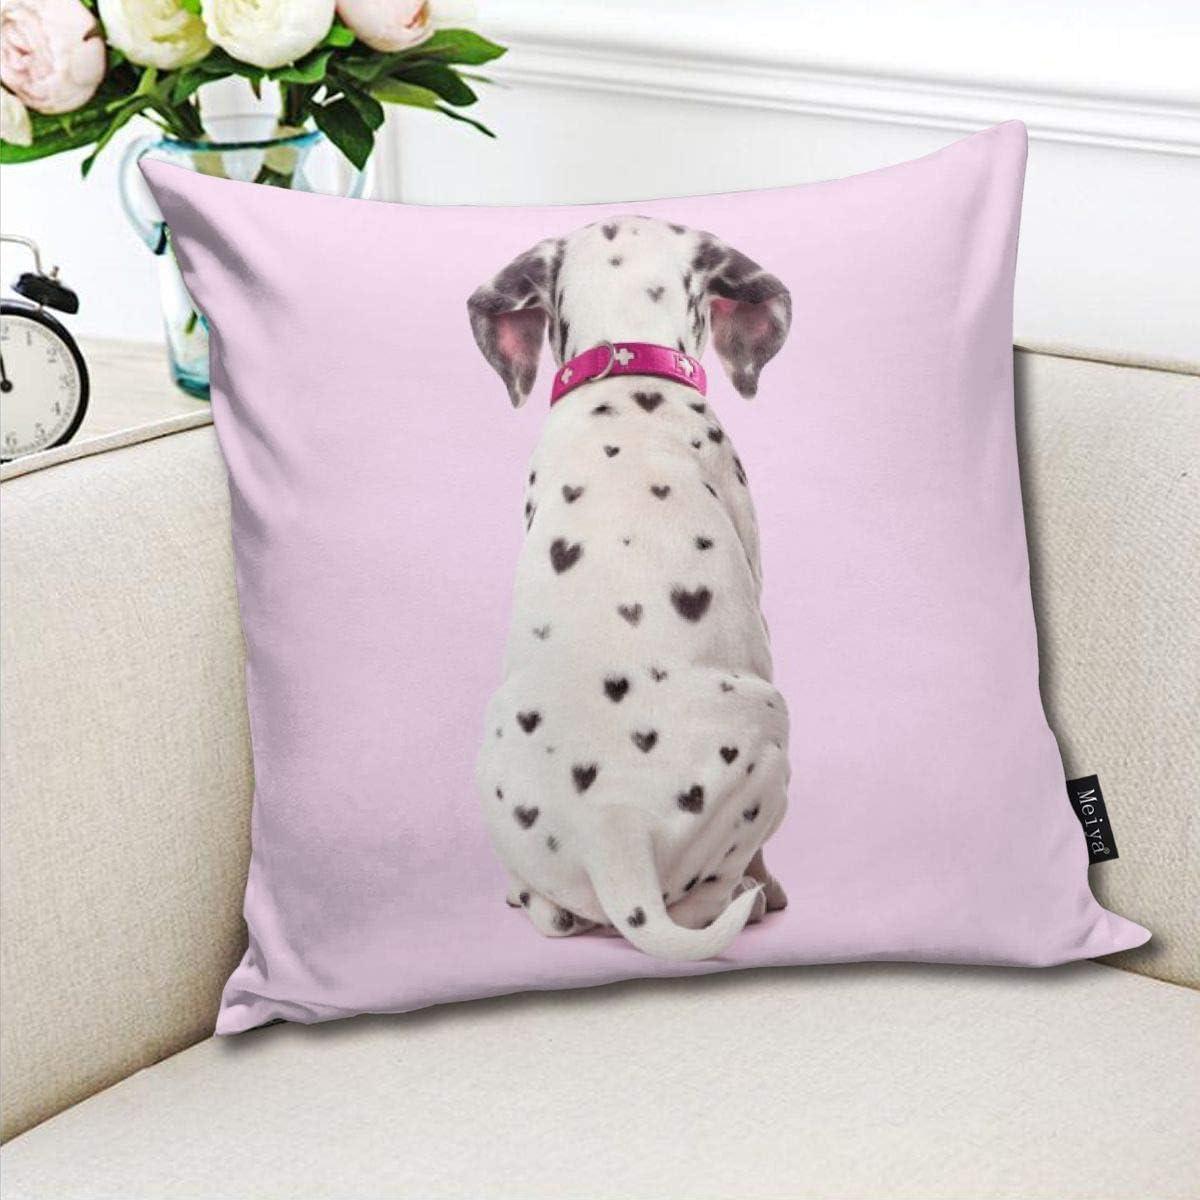 Dalmatian Pillowcase Home Life Cotton Cushion Case 18 x 18 inches